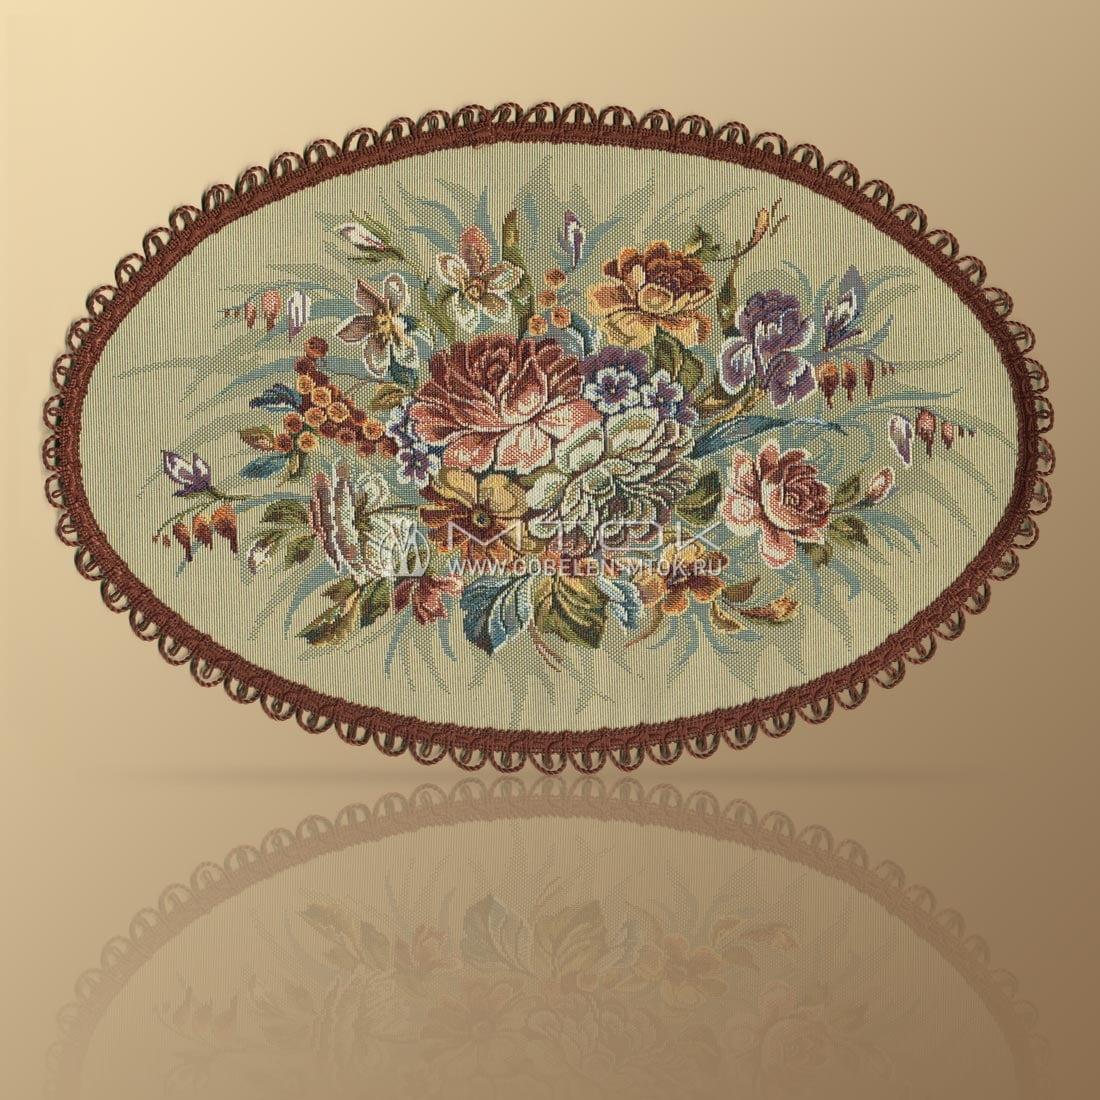 Гобеленовая салфетка на стол под тарелку